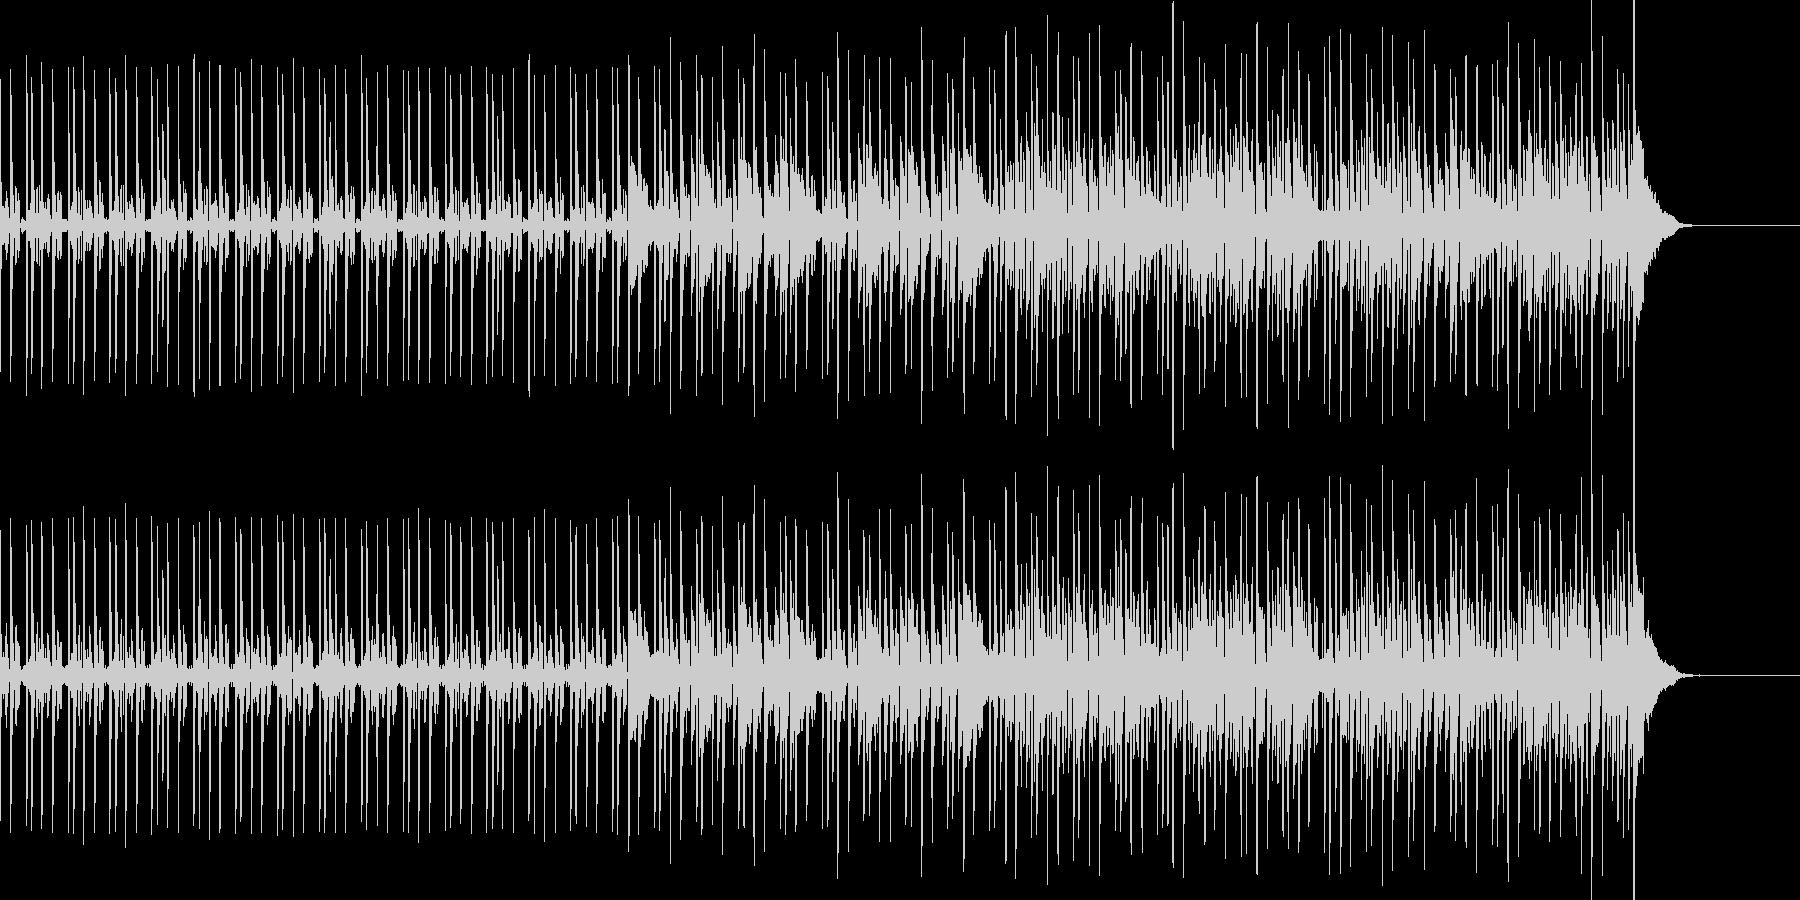 弾むビートとシーケンスの未再生の波形